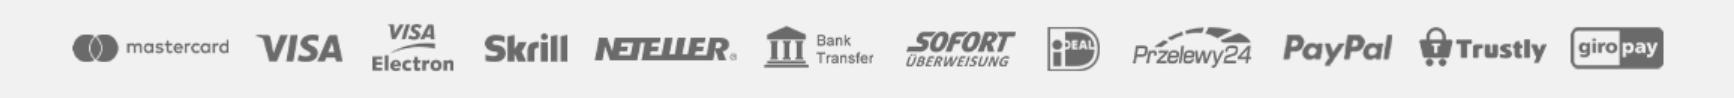 Trade.com Erfahrungen Zahlungsmethoden